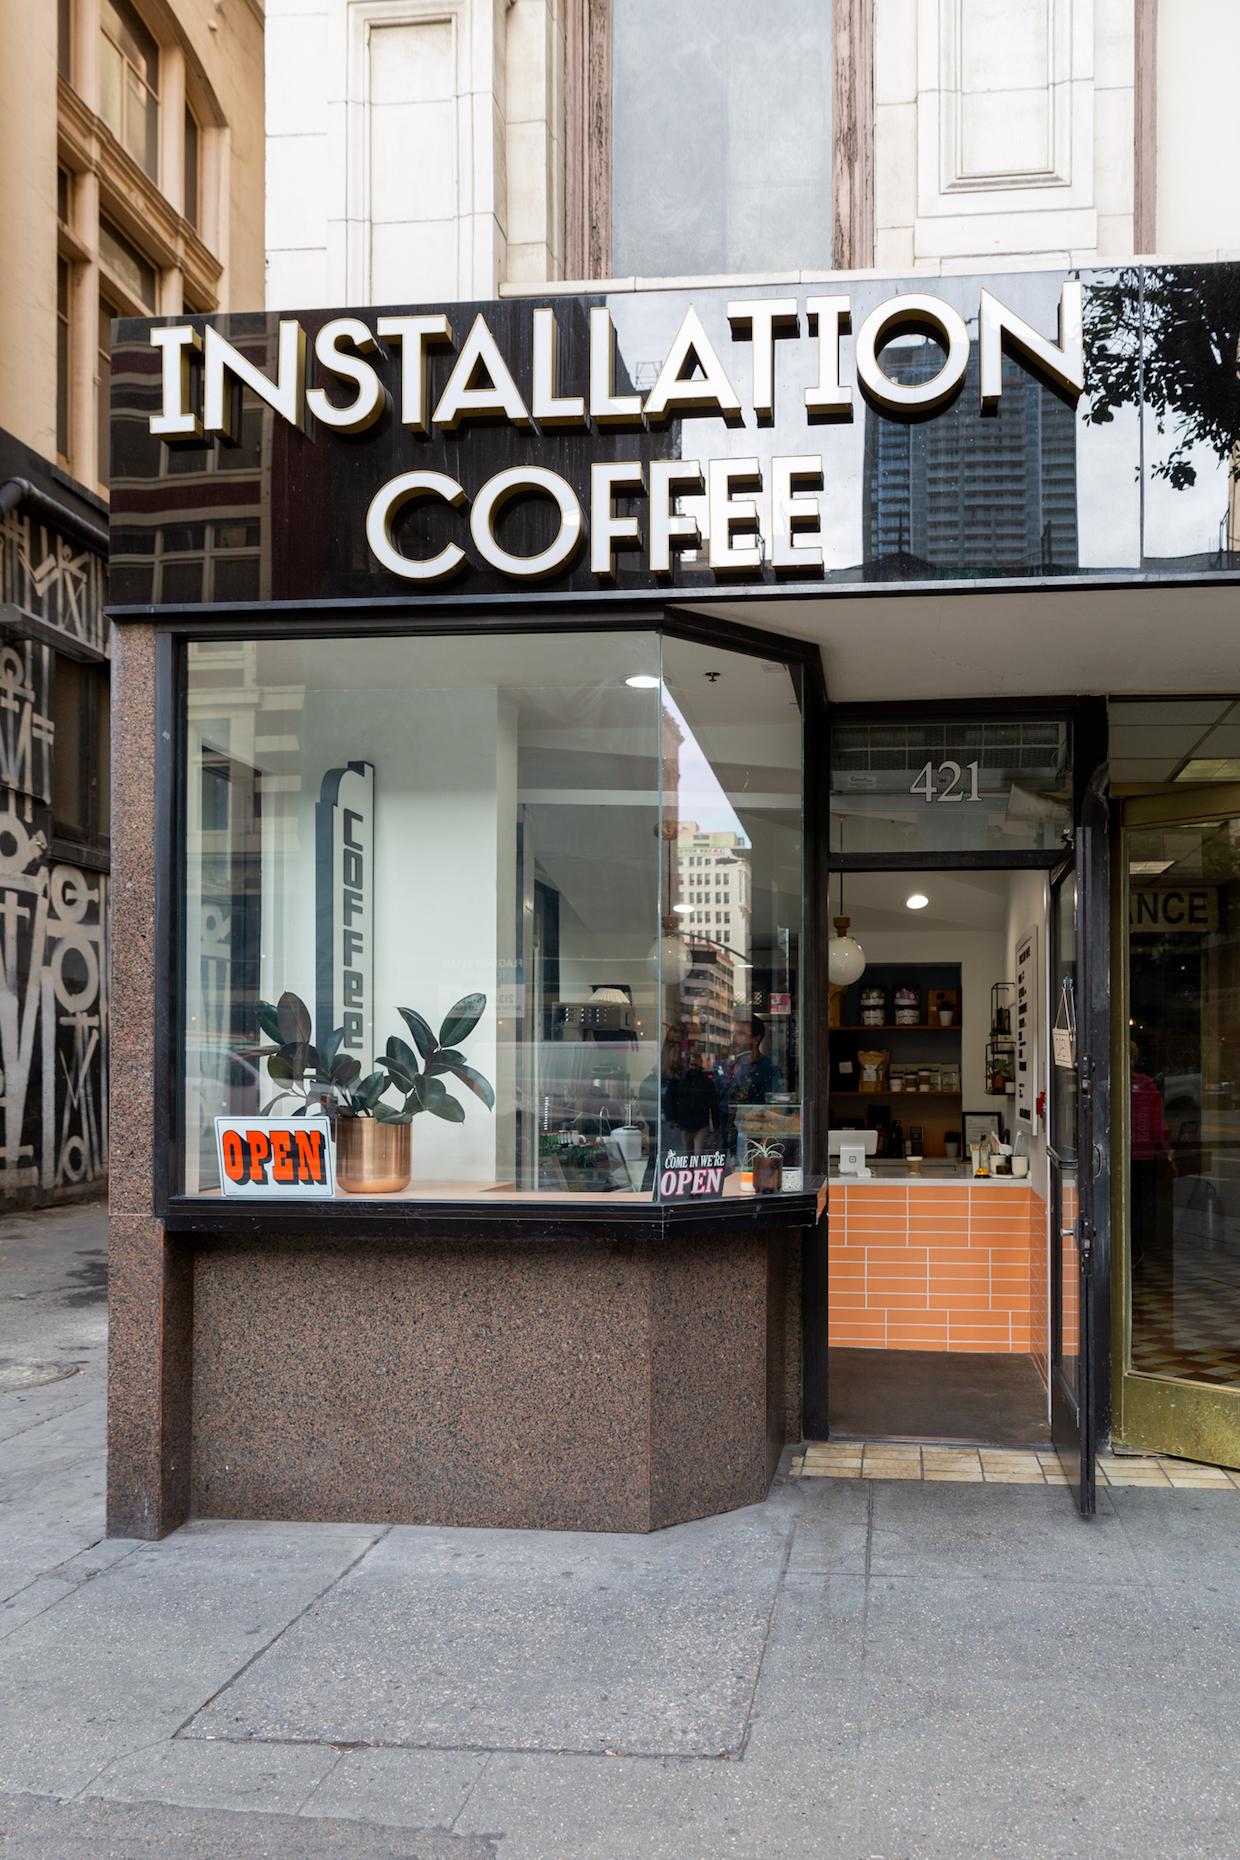 Installation Coffee Exterior3-1 copy